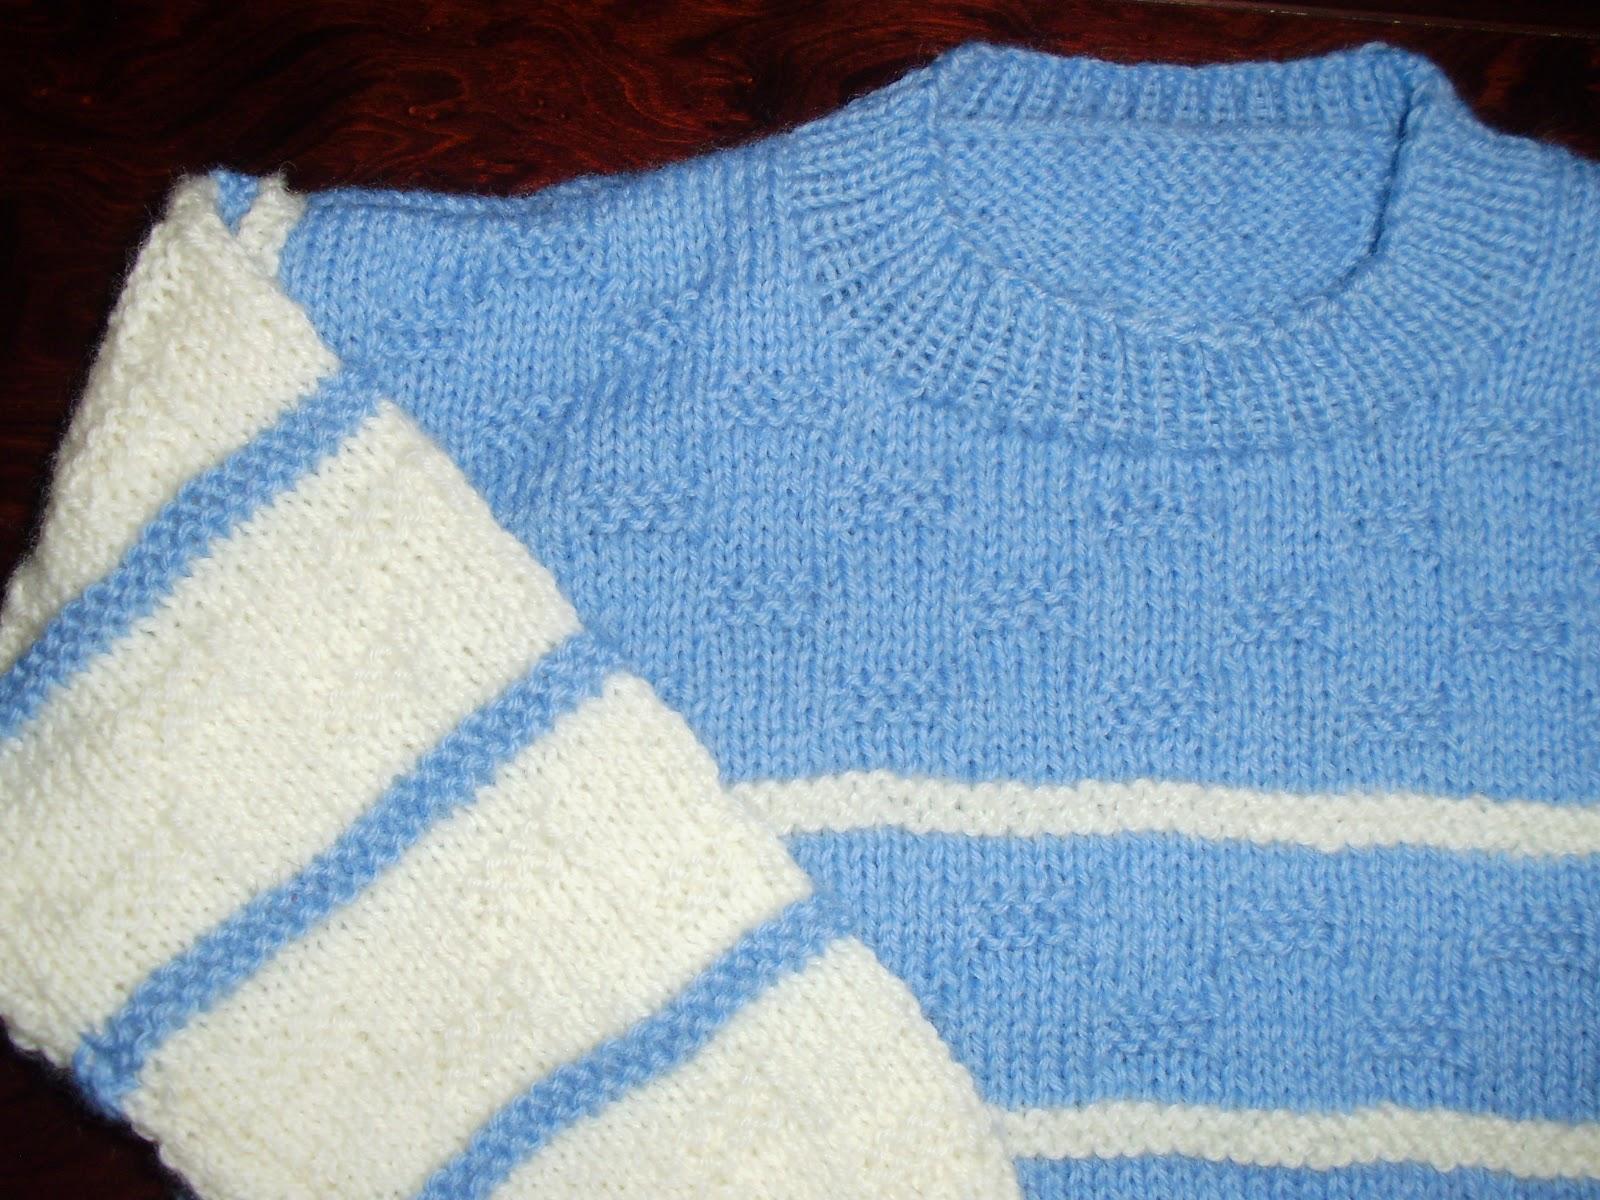 79326b8a863 Χειροποίητο παιδικό πλεκτό πουλοβεράκι, μάλλινο σε διχρωμία άσπρου και  θαλασσί χρώματος για αγόρια handmade knitted sweaters